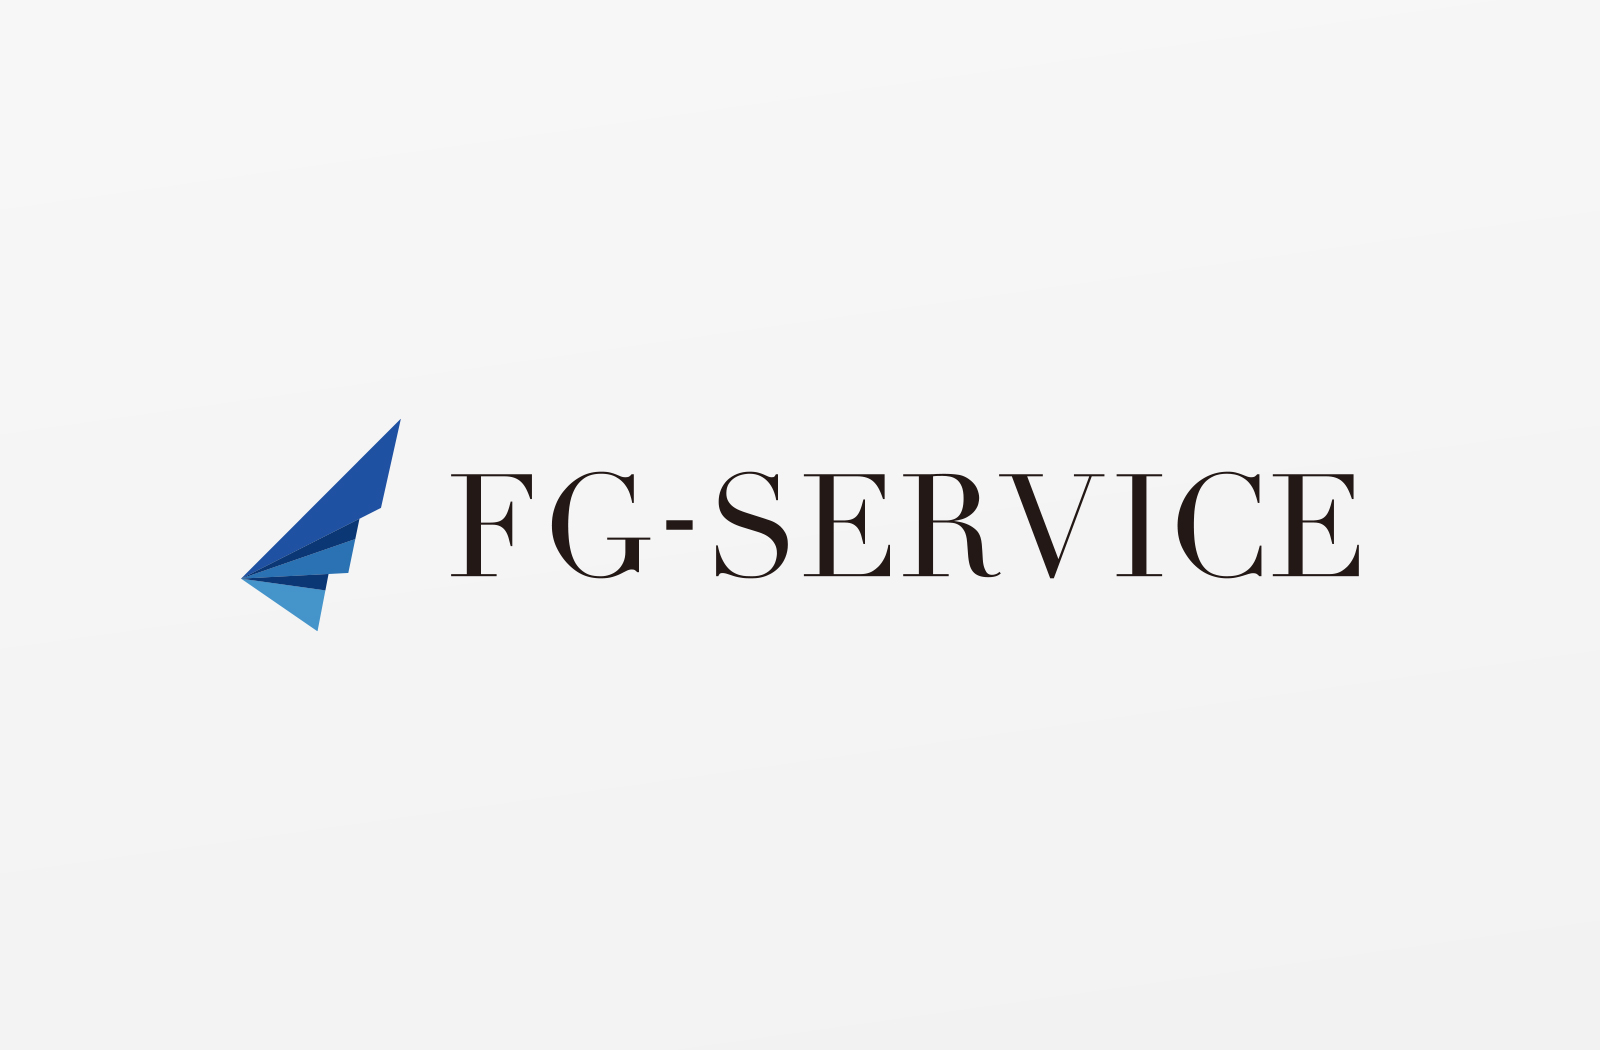 税理士紹介サービスの「FG-SERVICE株式会社」様のロゴデザイン